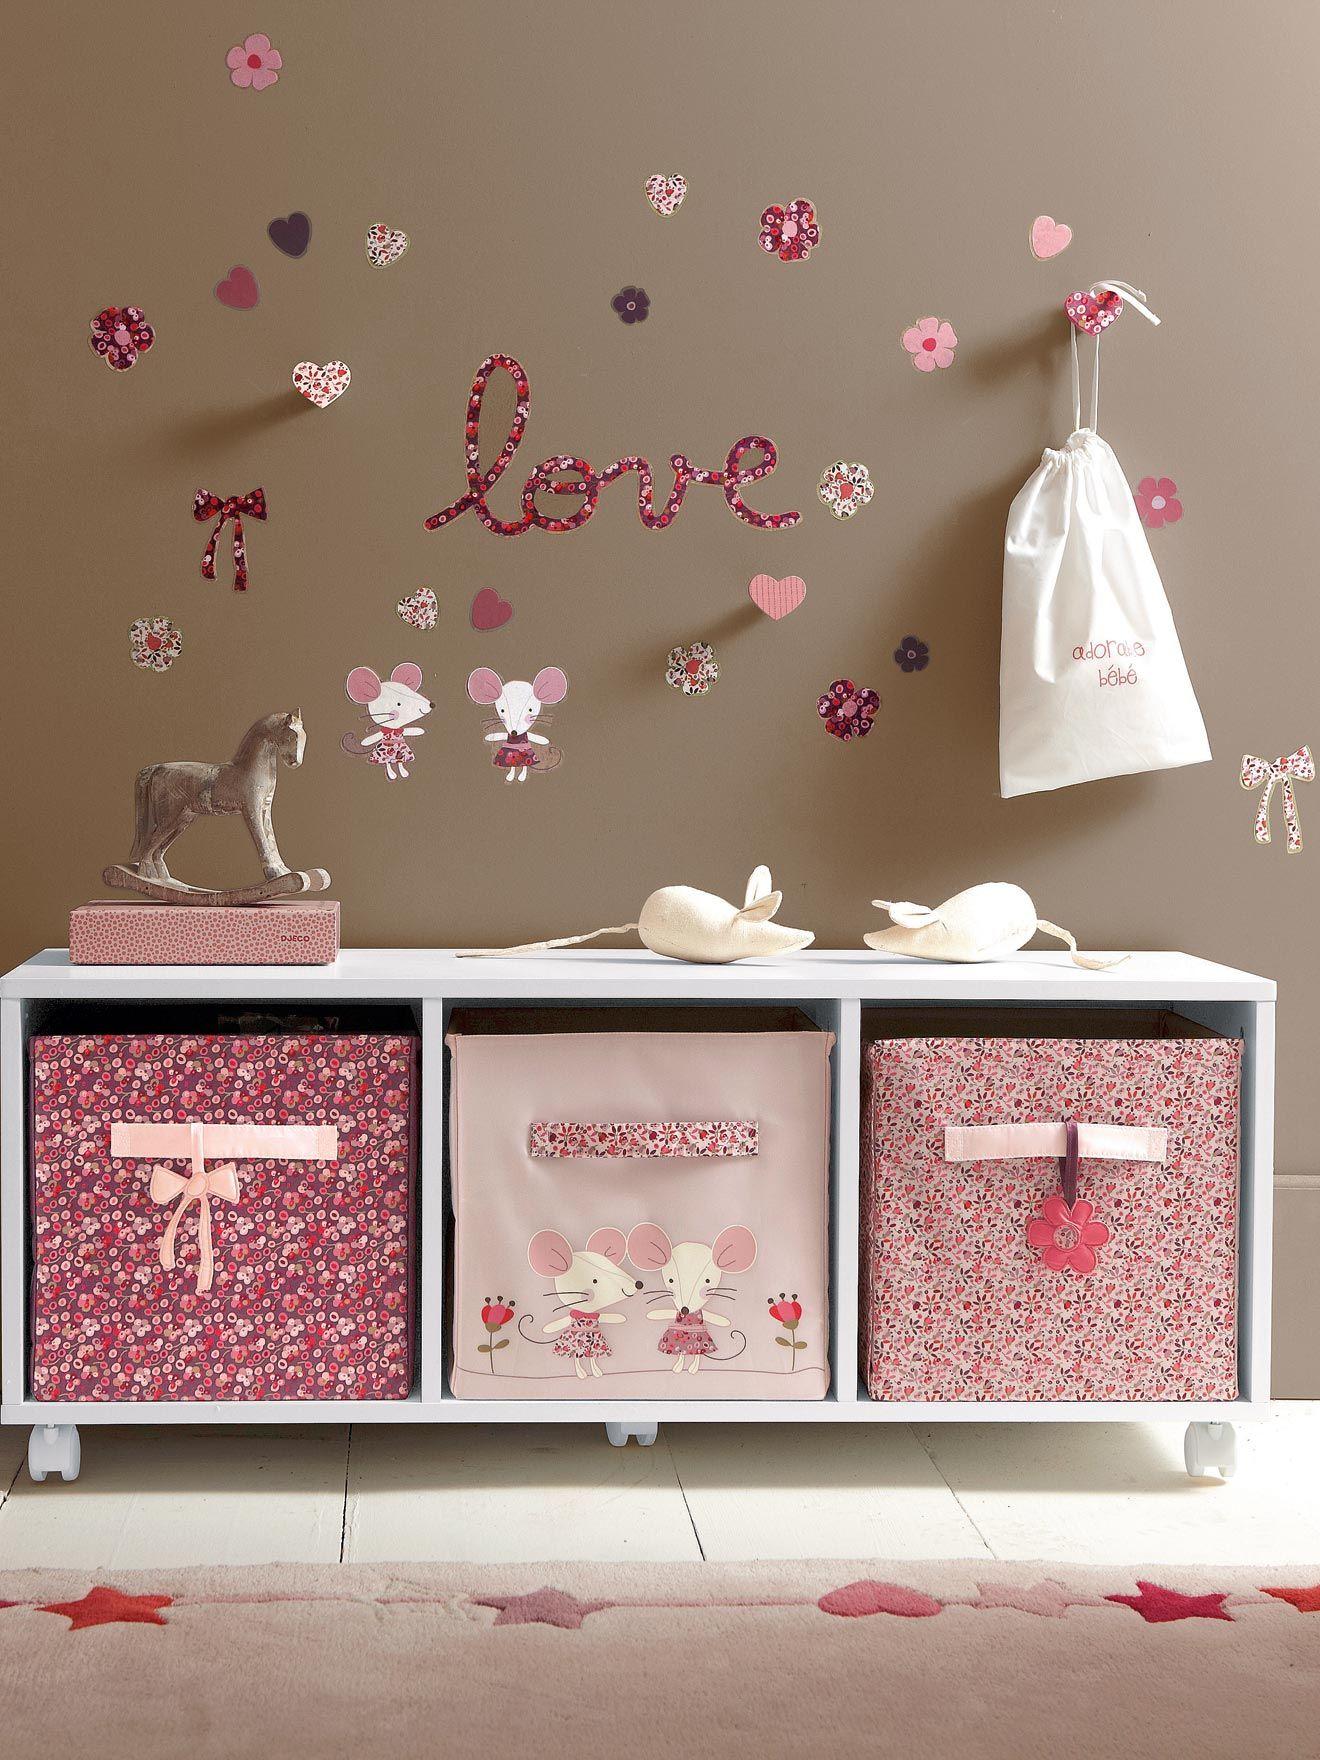 Chambre de bebe fille decoration chambre deco fille for Deco princesse chambre